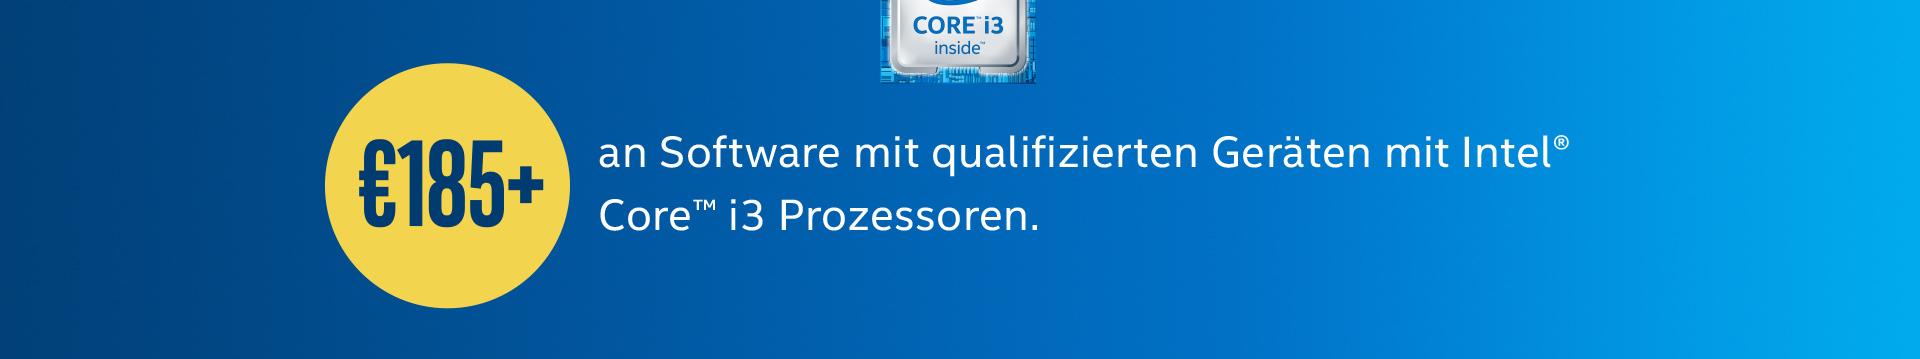 185€ + an Software mit qualifizierten Geräten mit Intel® Core™ i3 Prozessoren